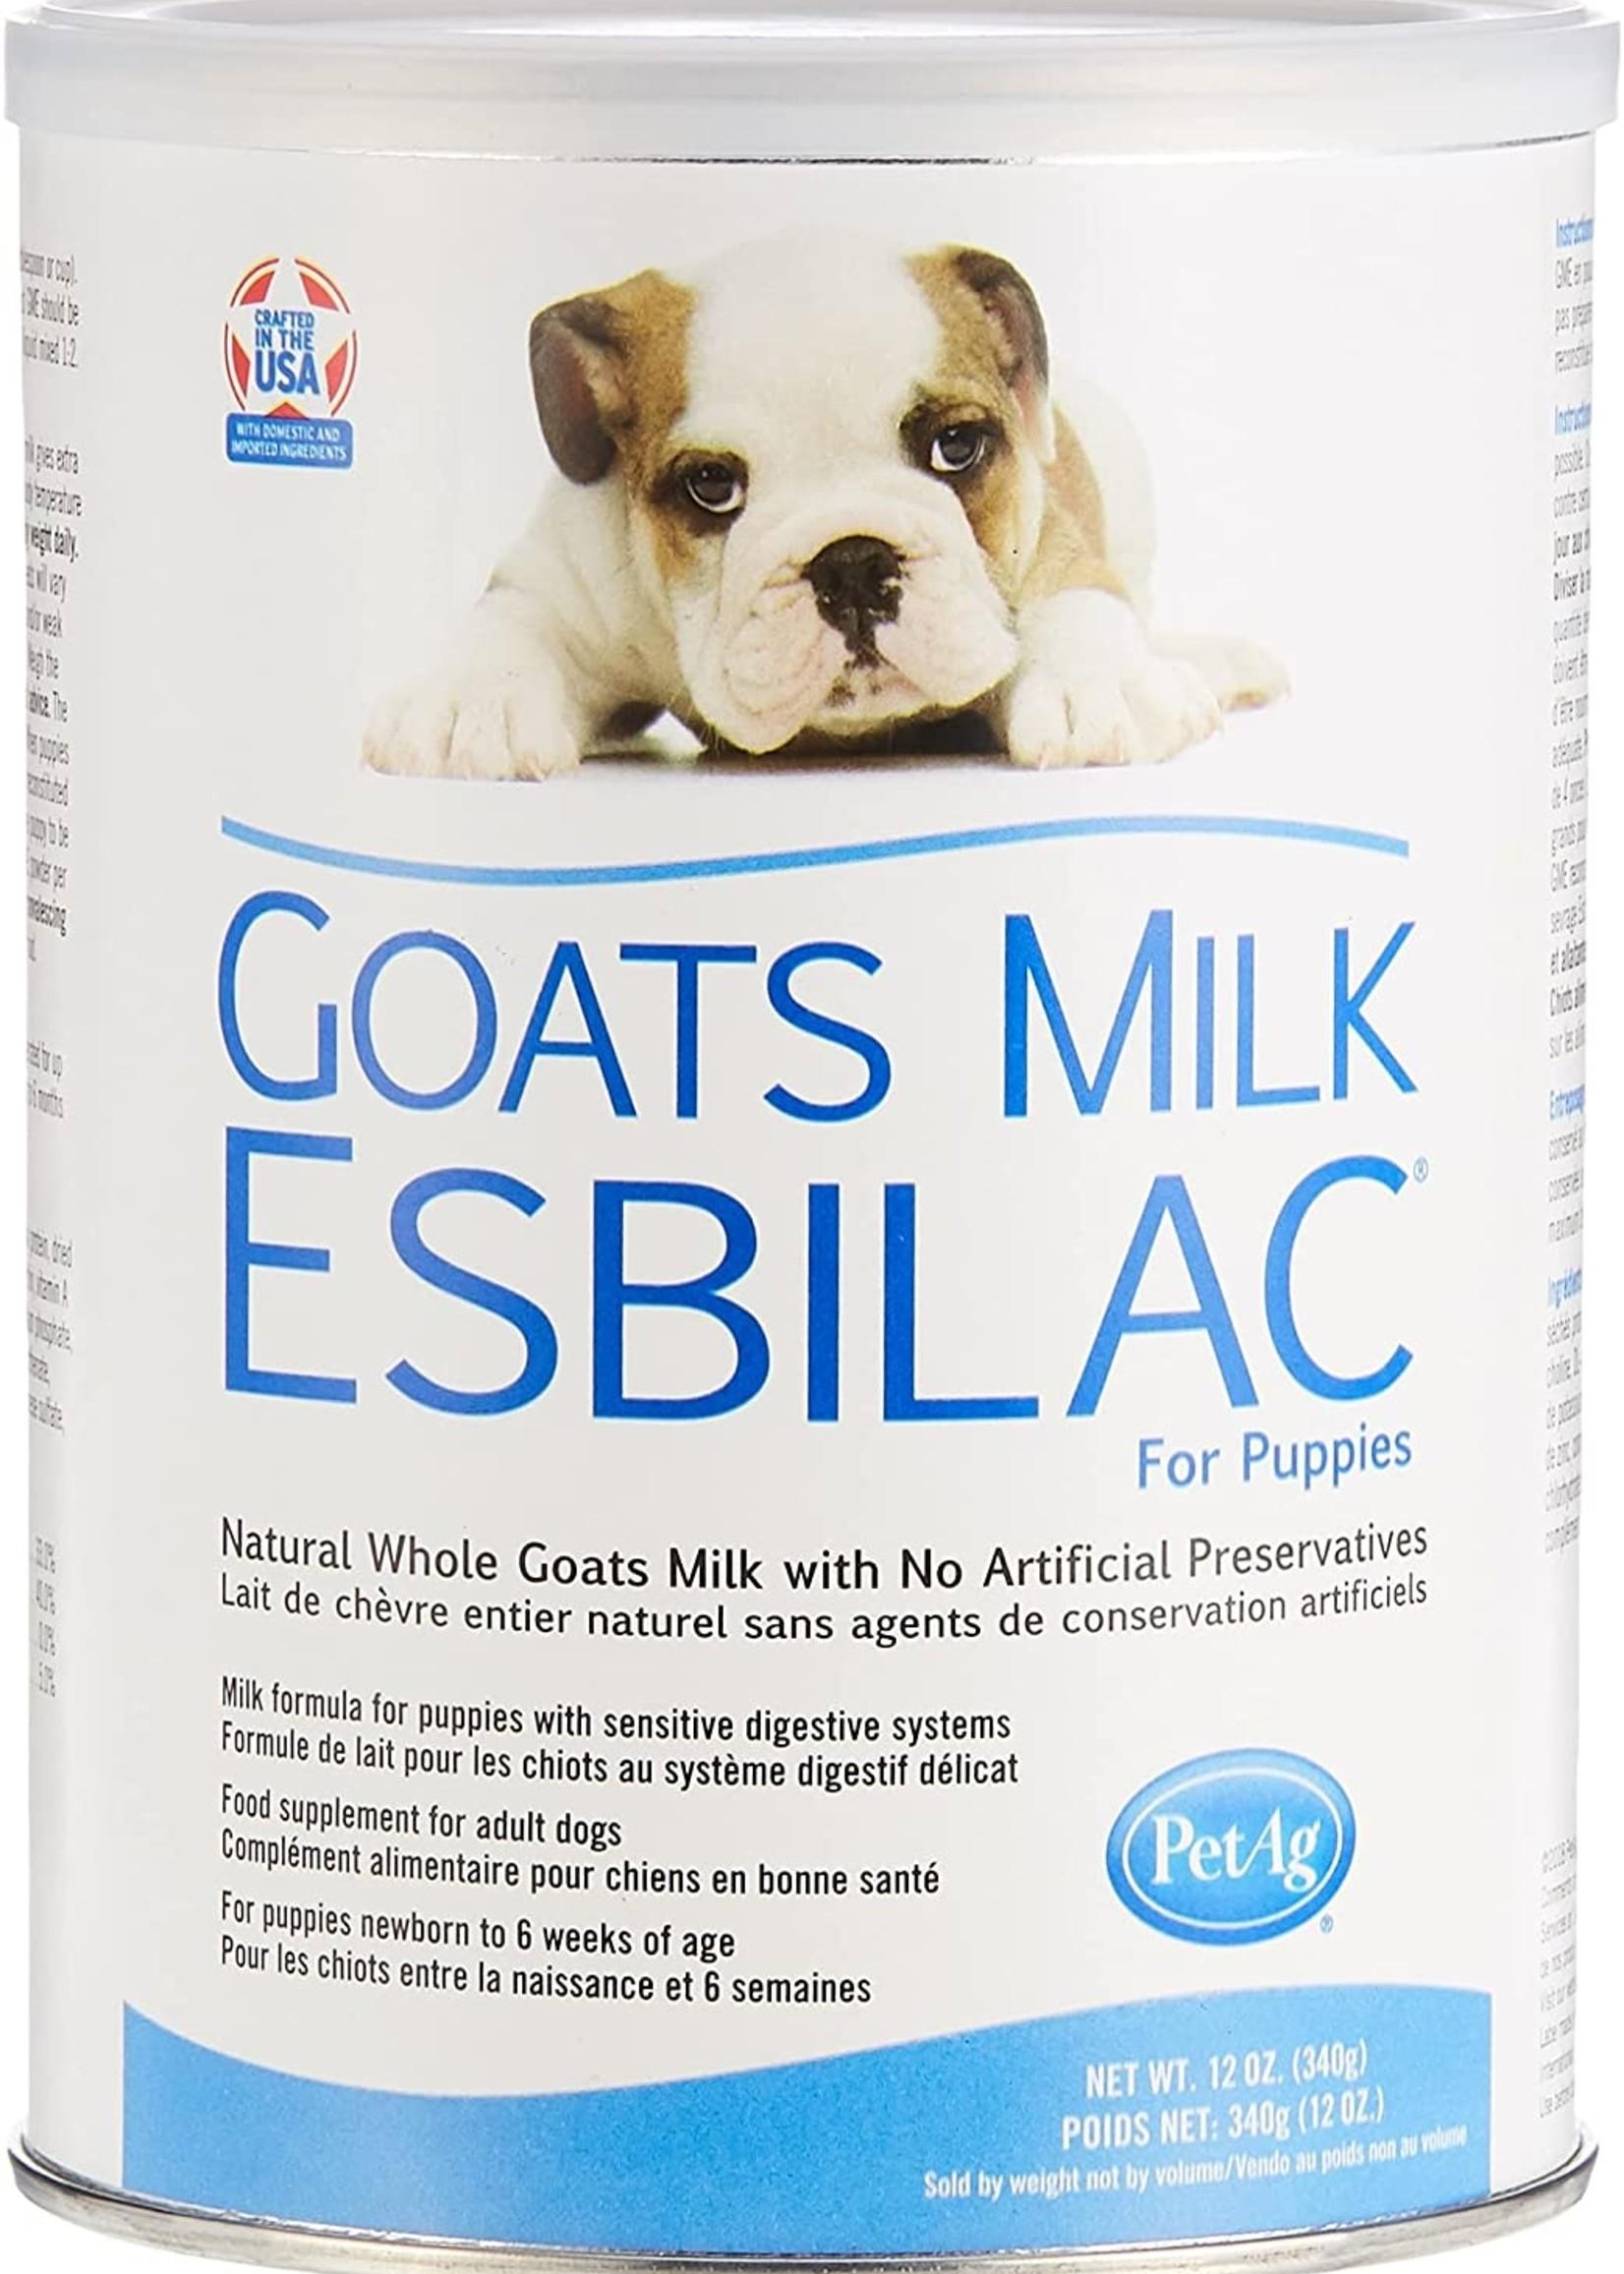 PetAg PetAg Goat's Milk Esbilac 11 fl oz.